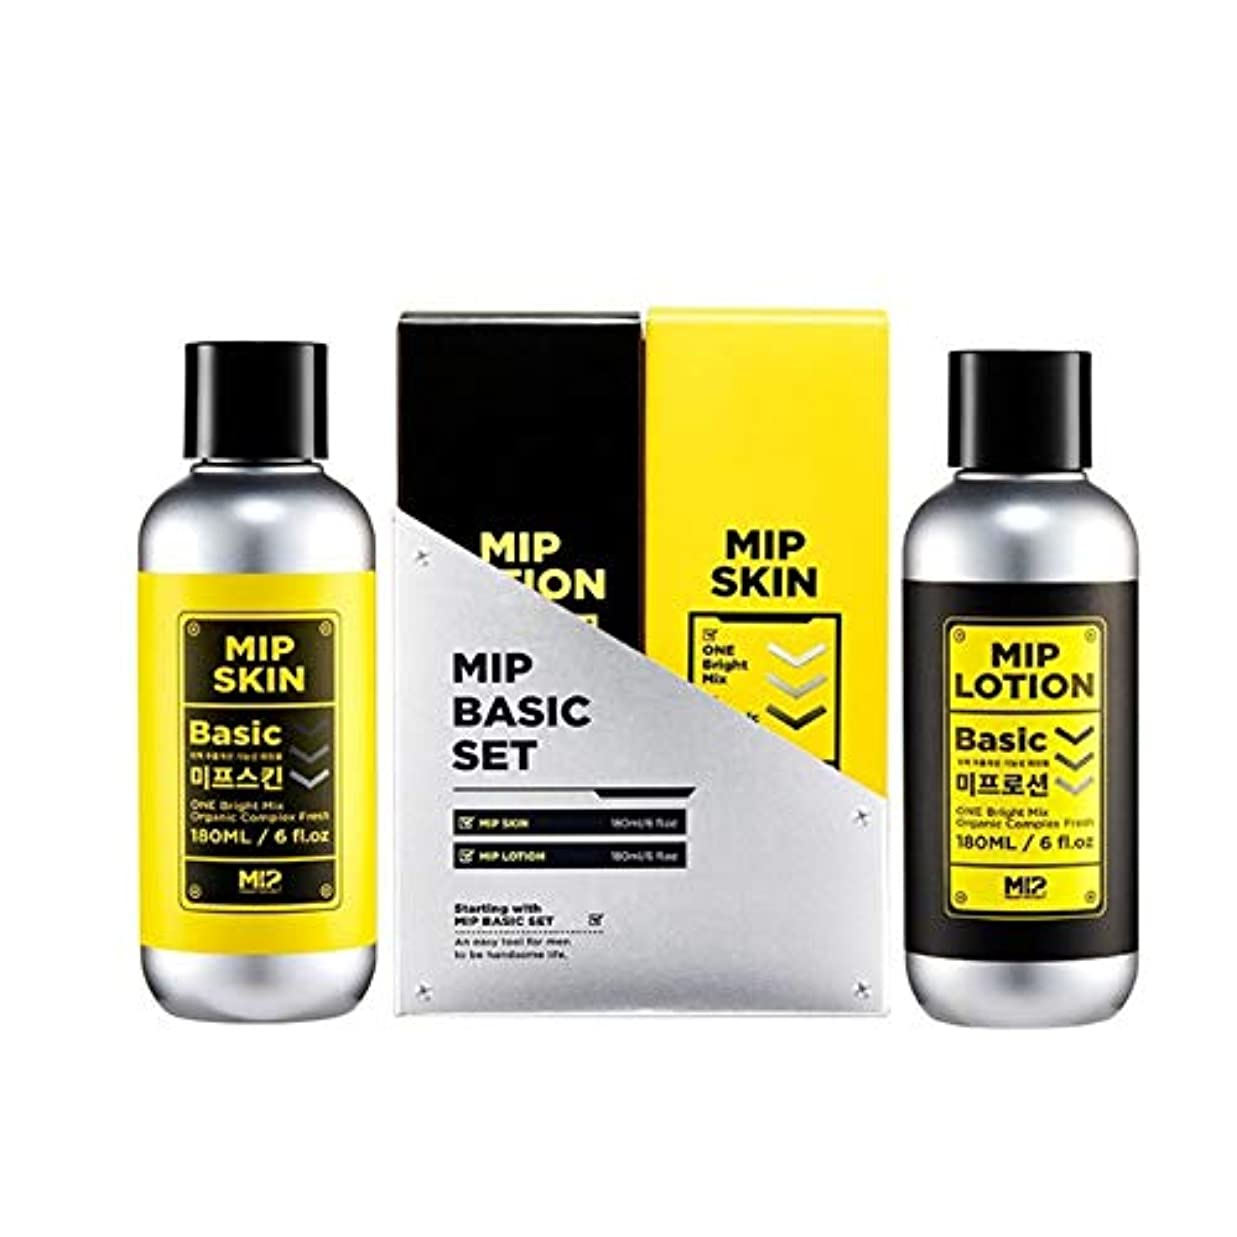 オール嫌がらせ差ミップスキン180mlローション180mlセットメンズコスメ韓国コスメ、Mip Skin 180ml Lotion 180ml Set Men's Cosmetics Korean Cosmetics [並行輸入品]